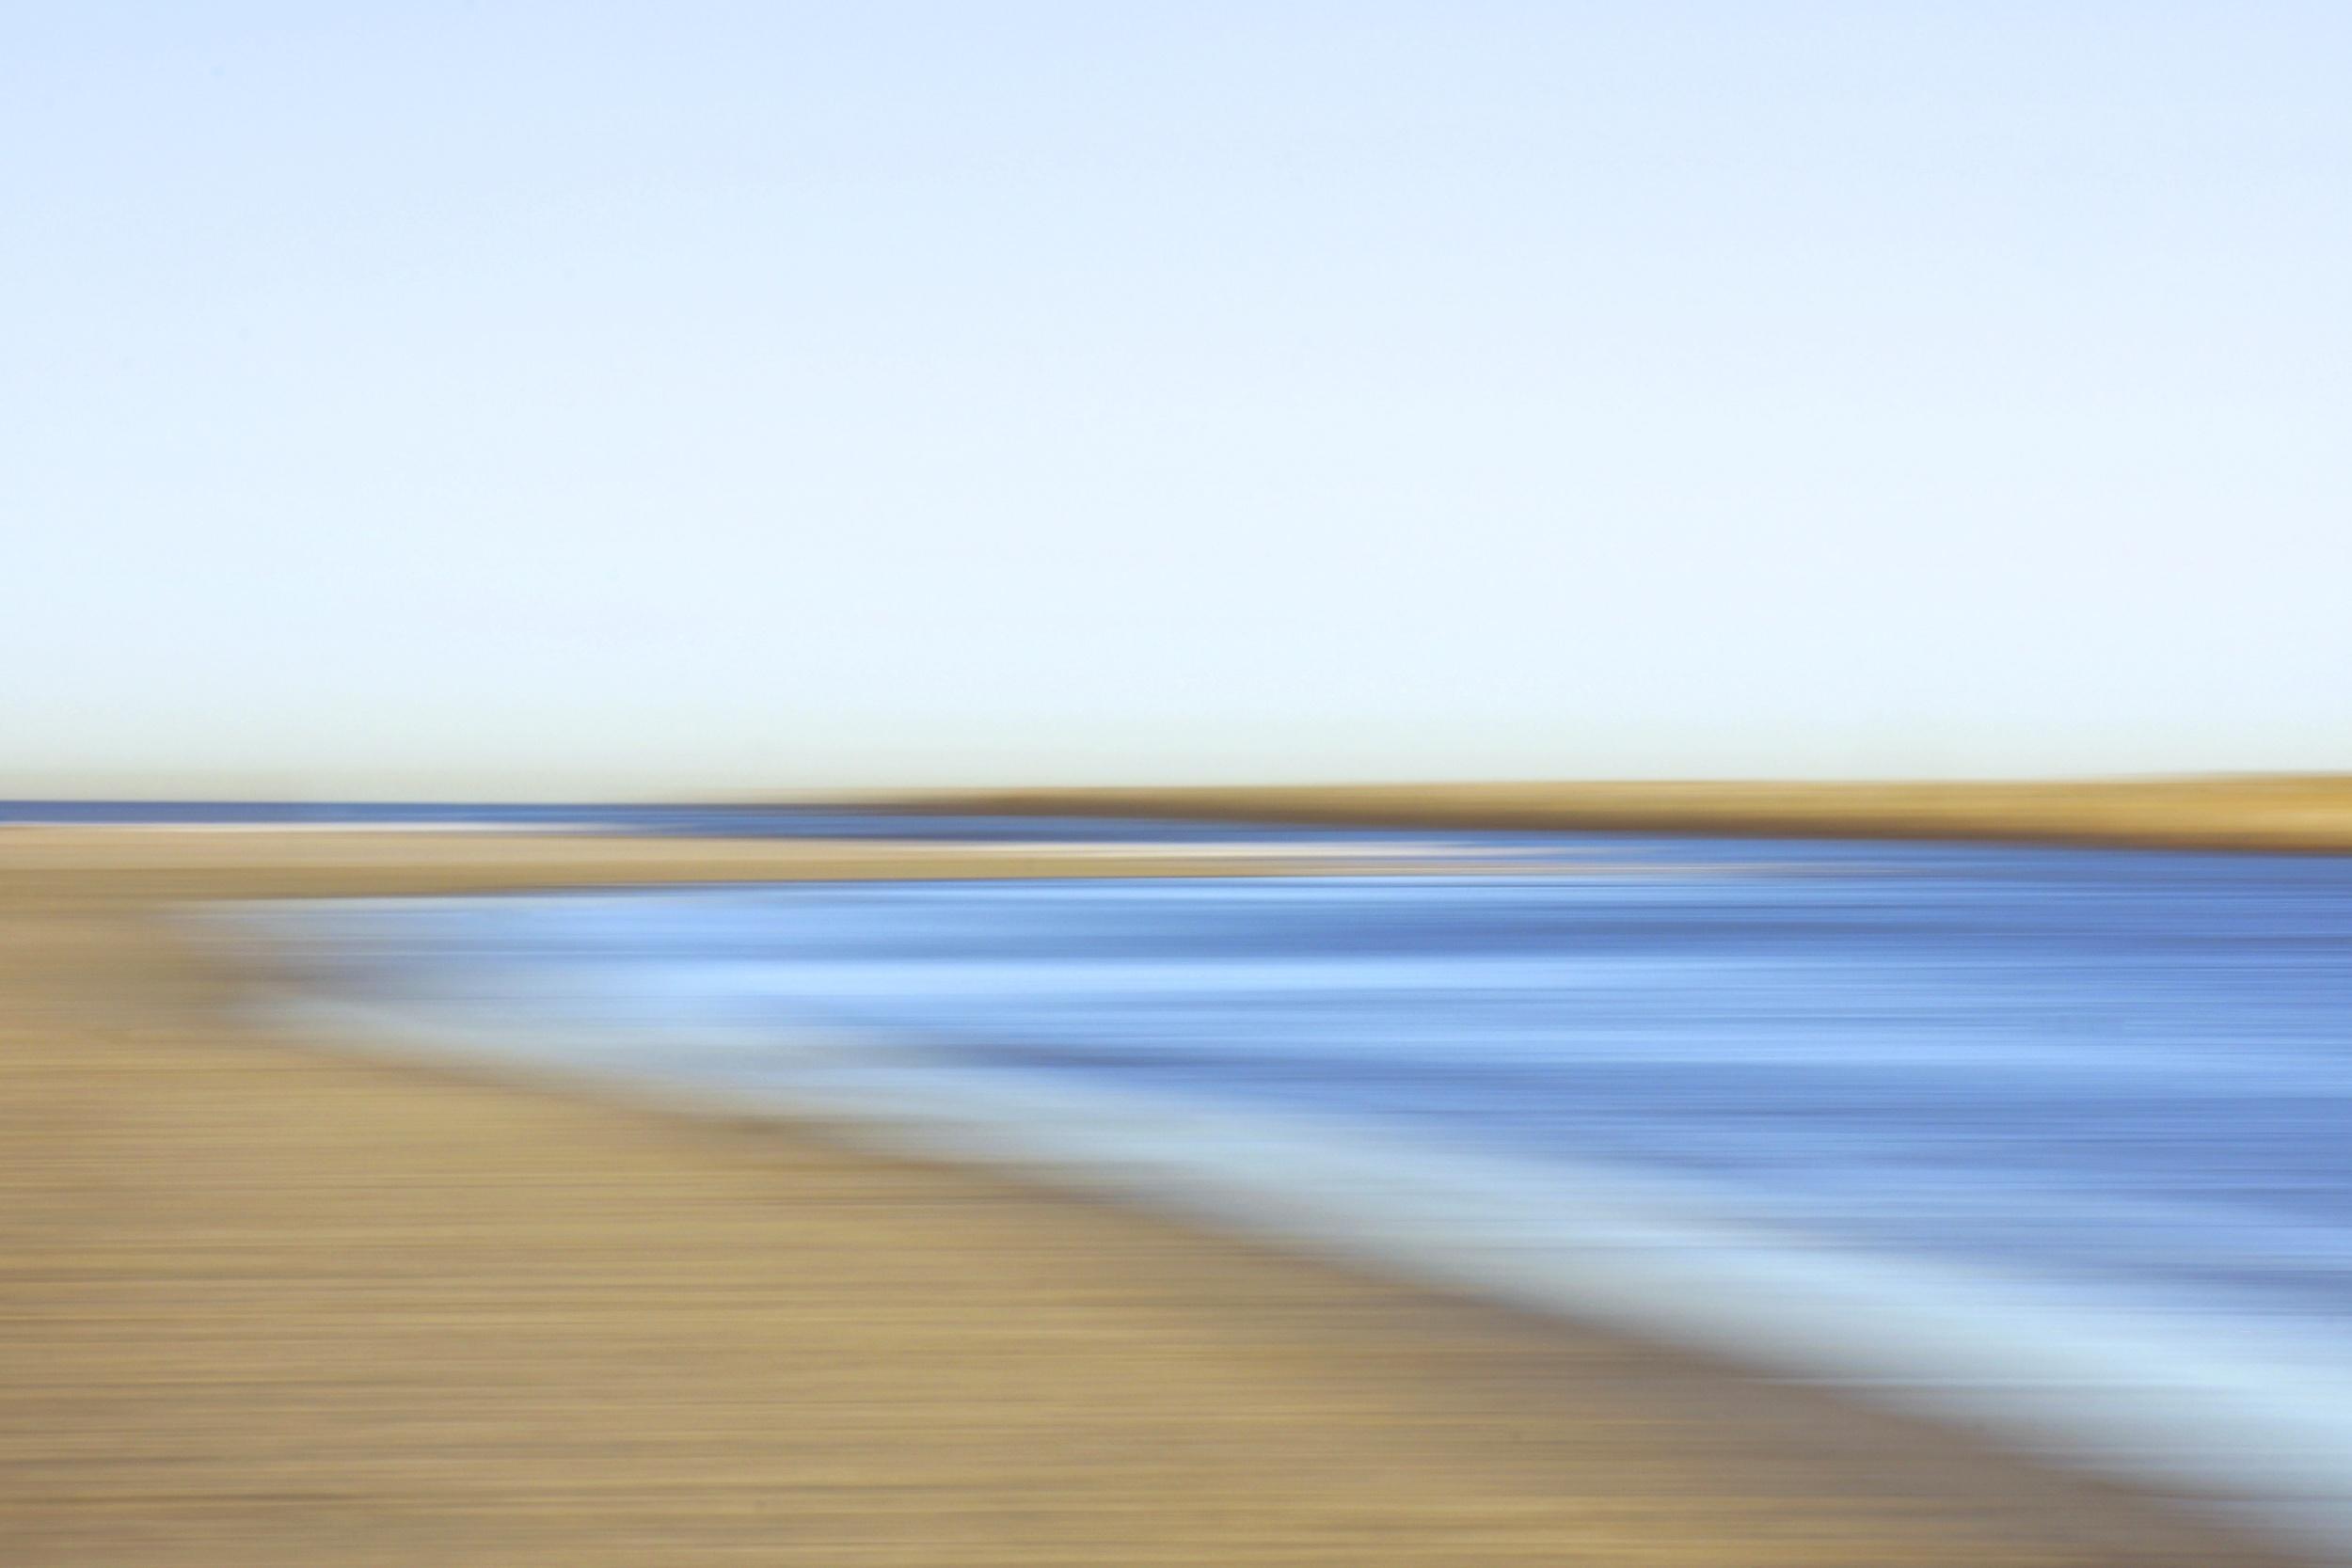 A Shore